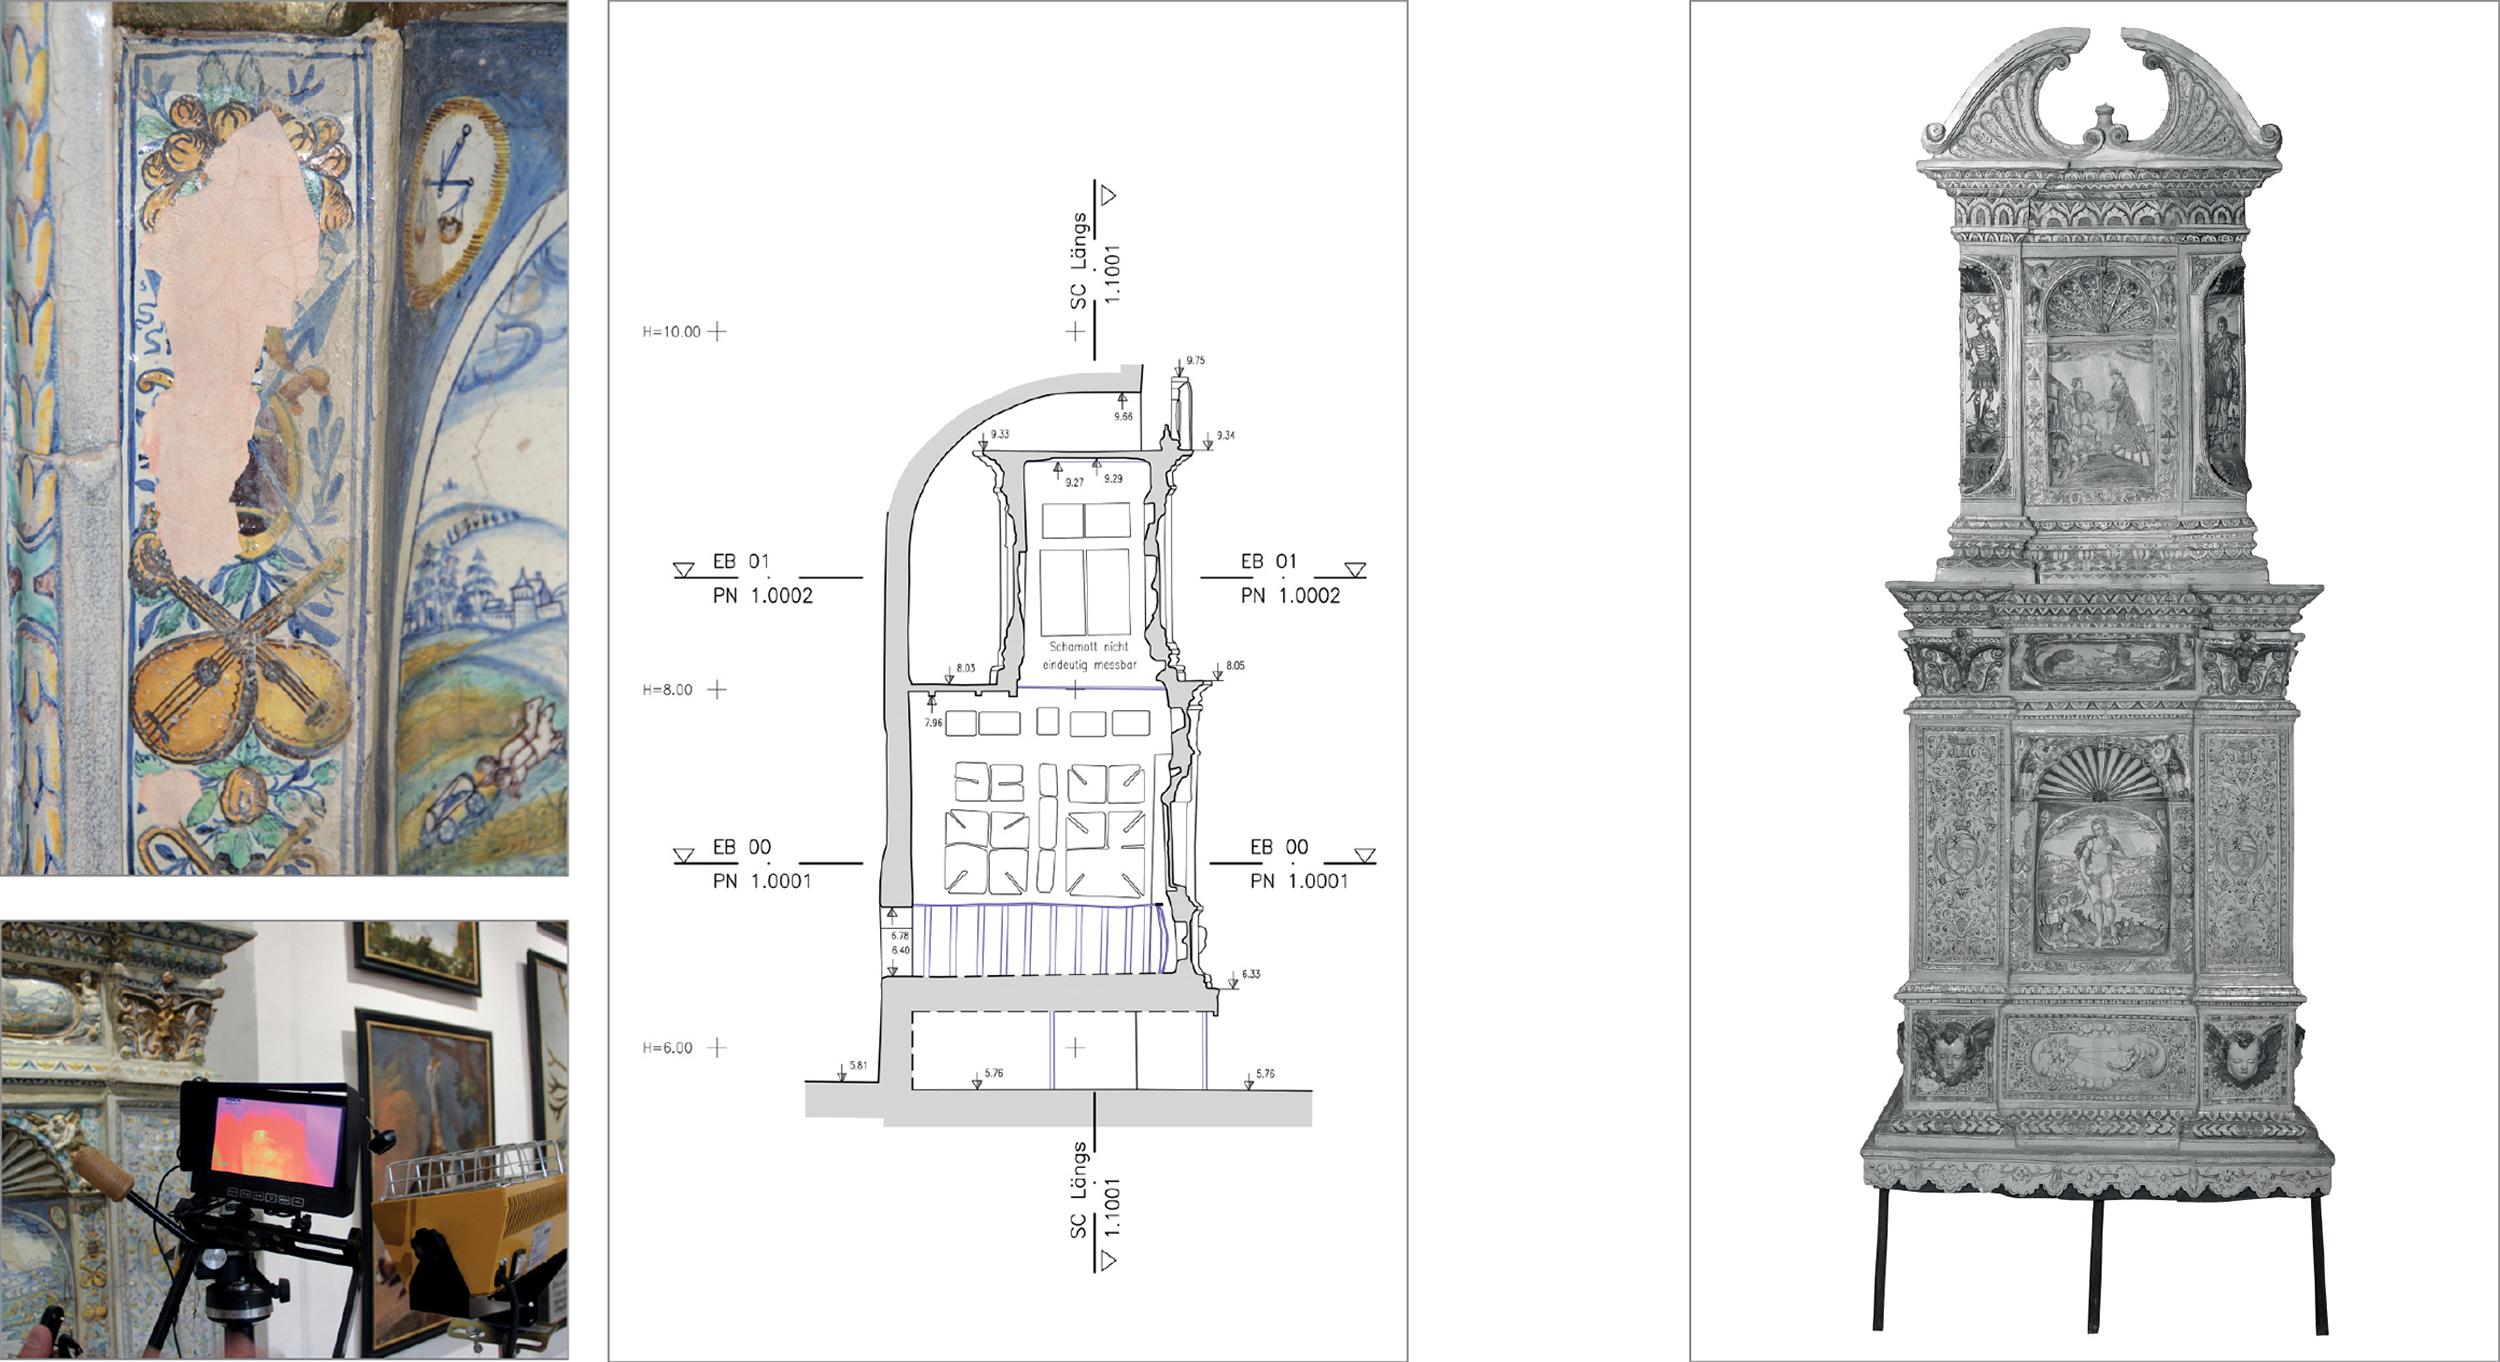 Pläne und Fotos eines historischen Kachelofen's um 1608